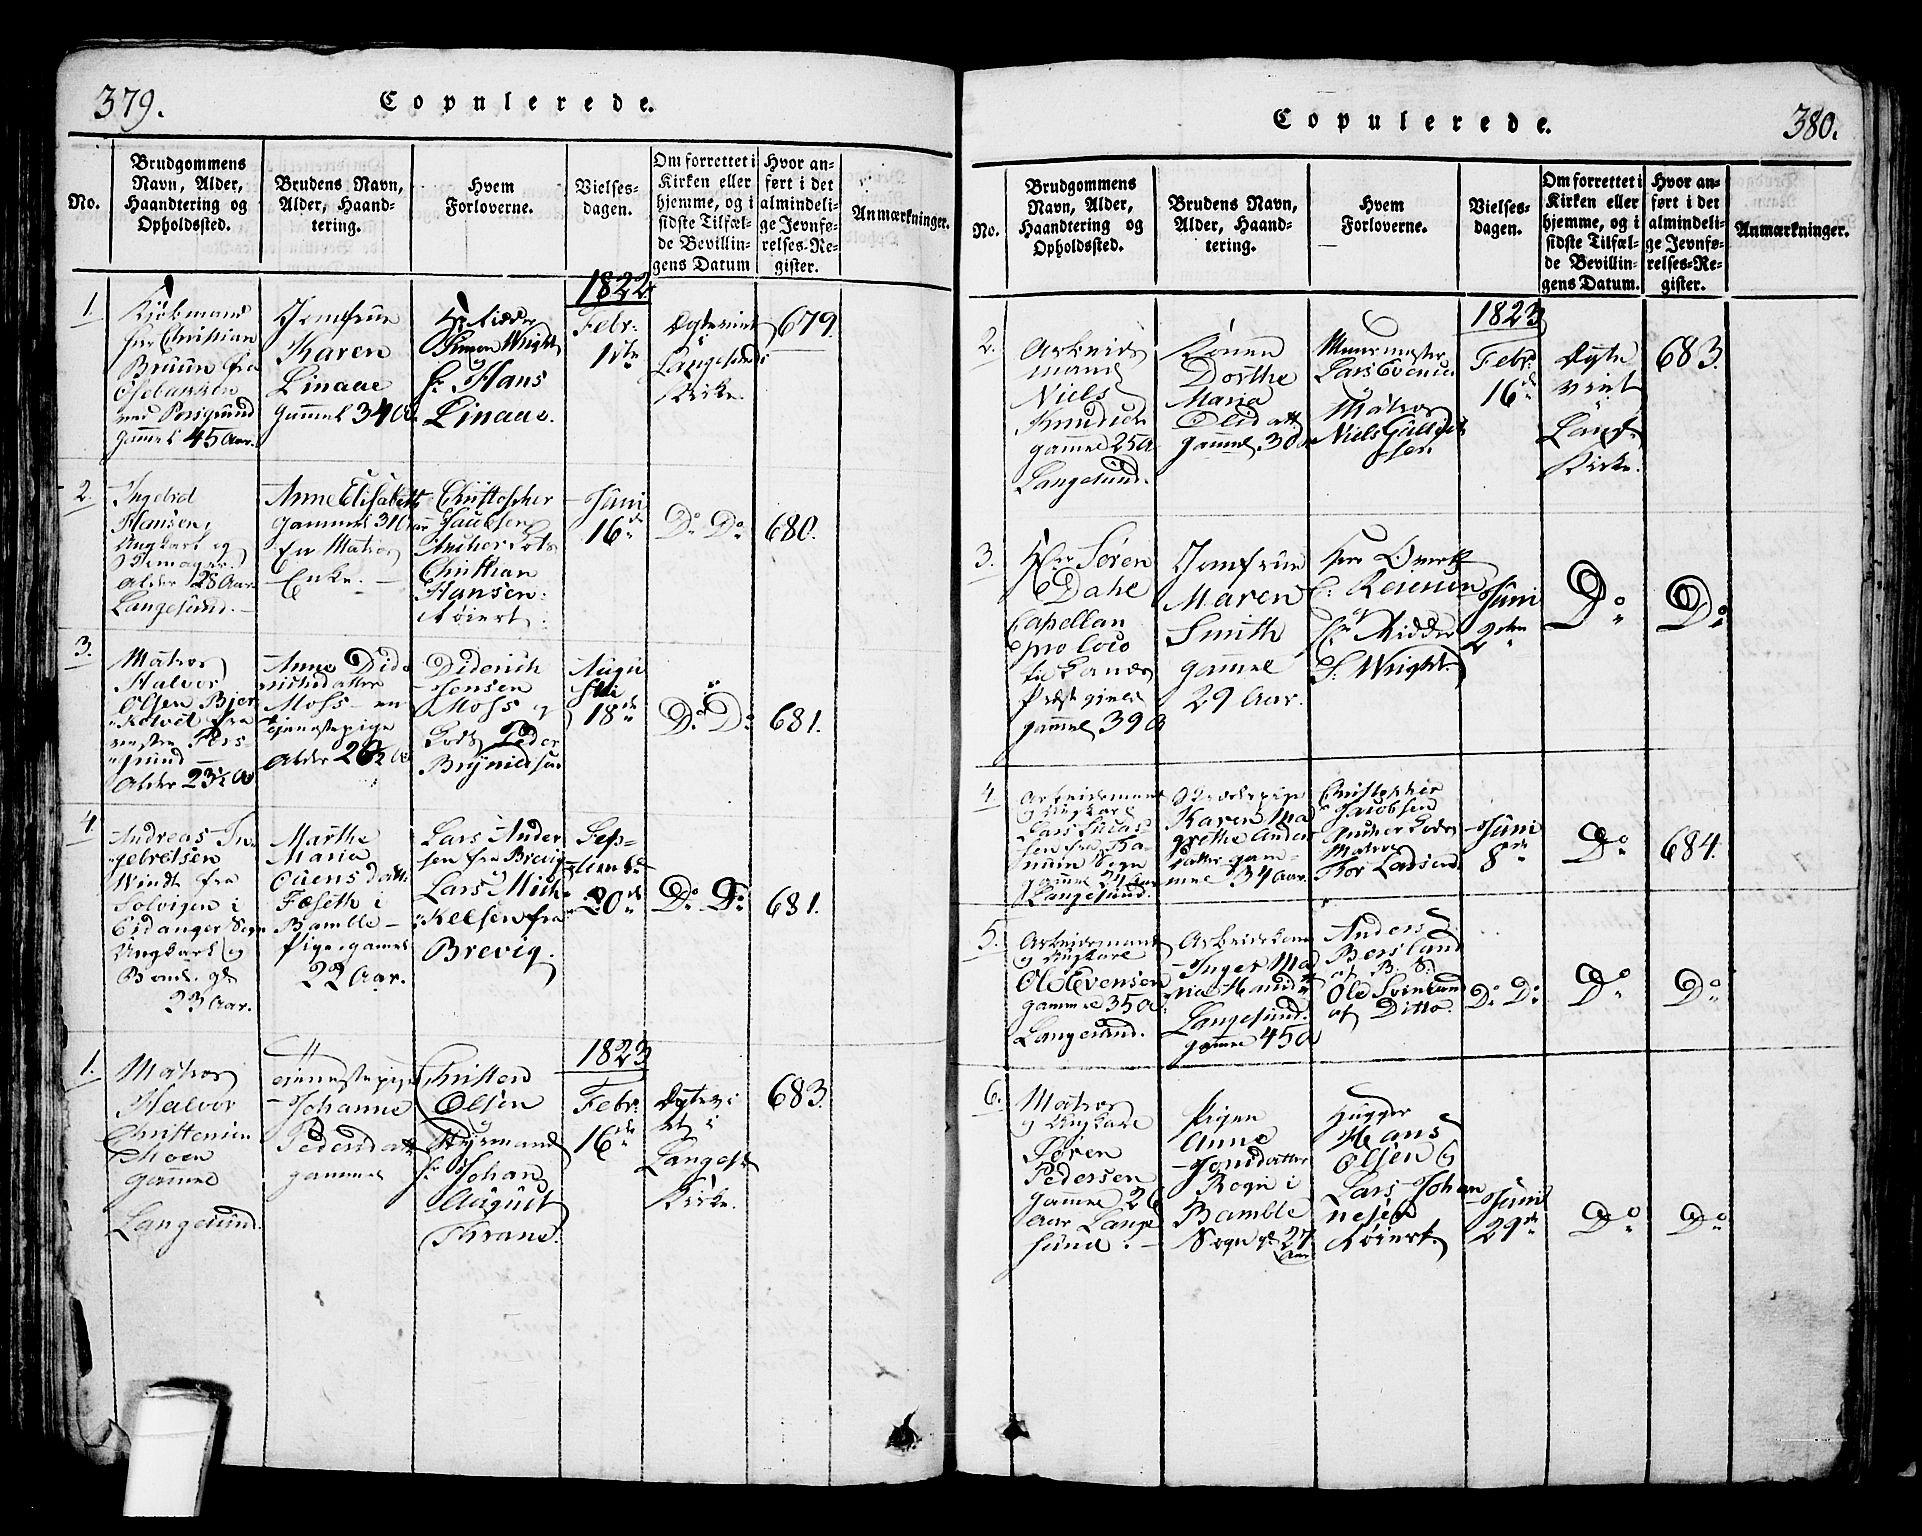 SAKO, Langesund kirkebøker, G/Ga/L0003: Klokkerbok nr. 3, 1815-1858, s. 379-380